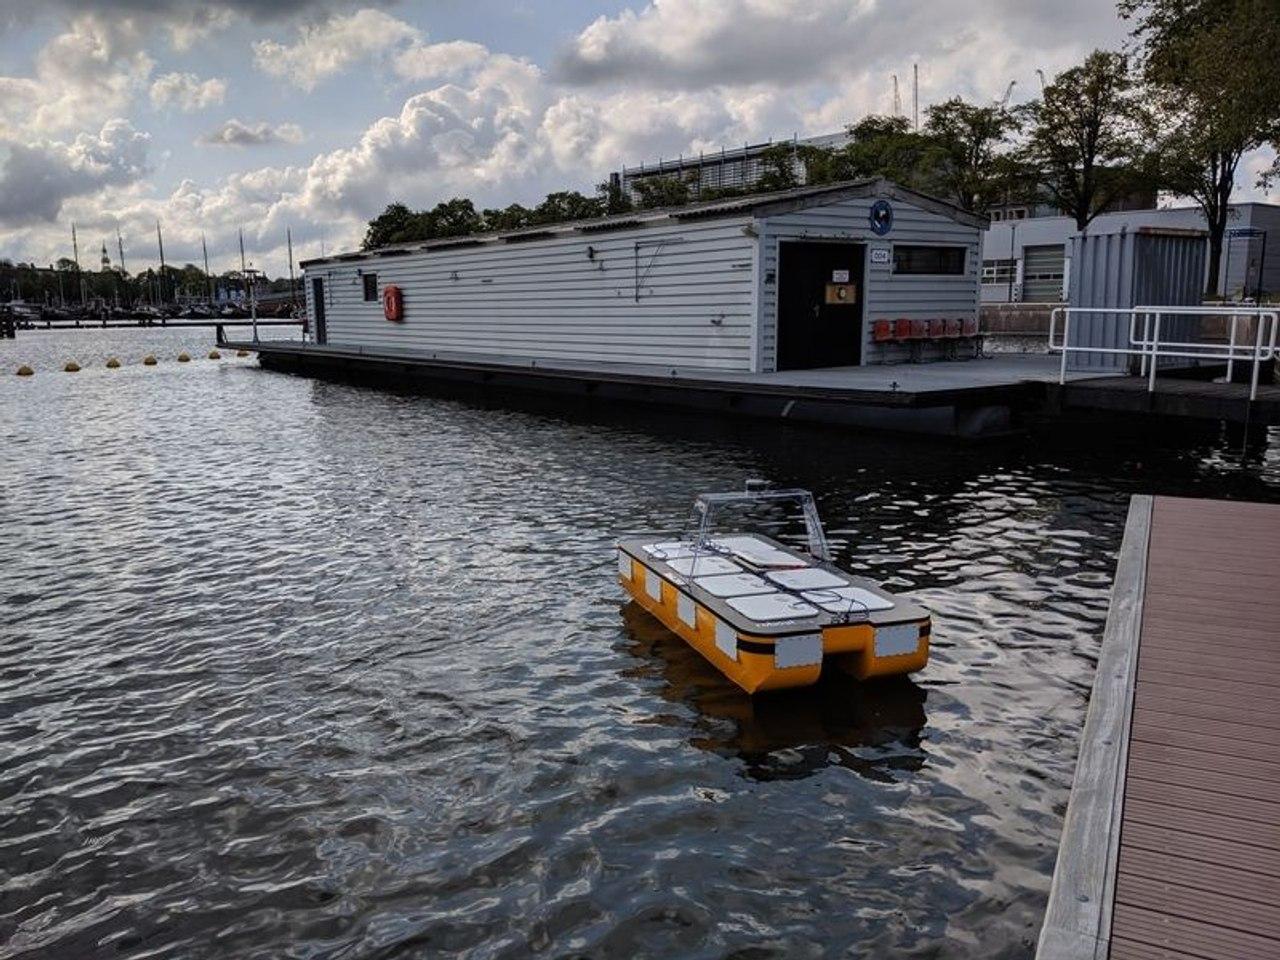 В MIT разработали автономную роботизированную лодку для перевозки людей и грузов по каналам Амстердама